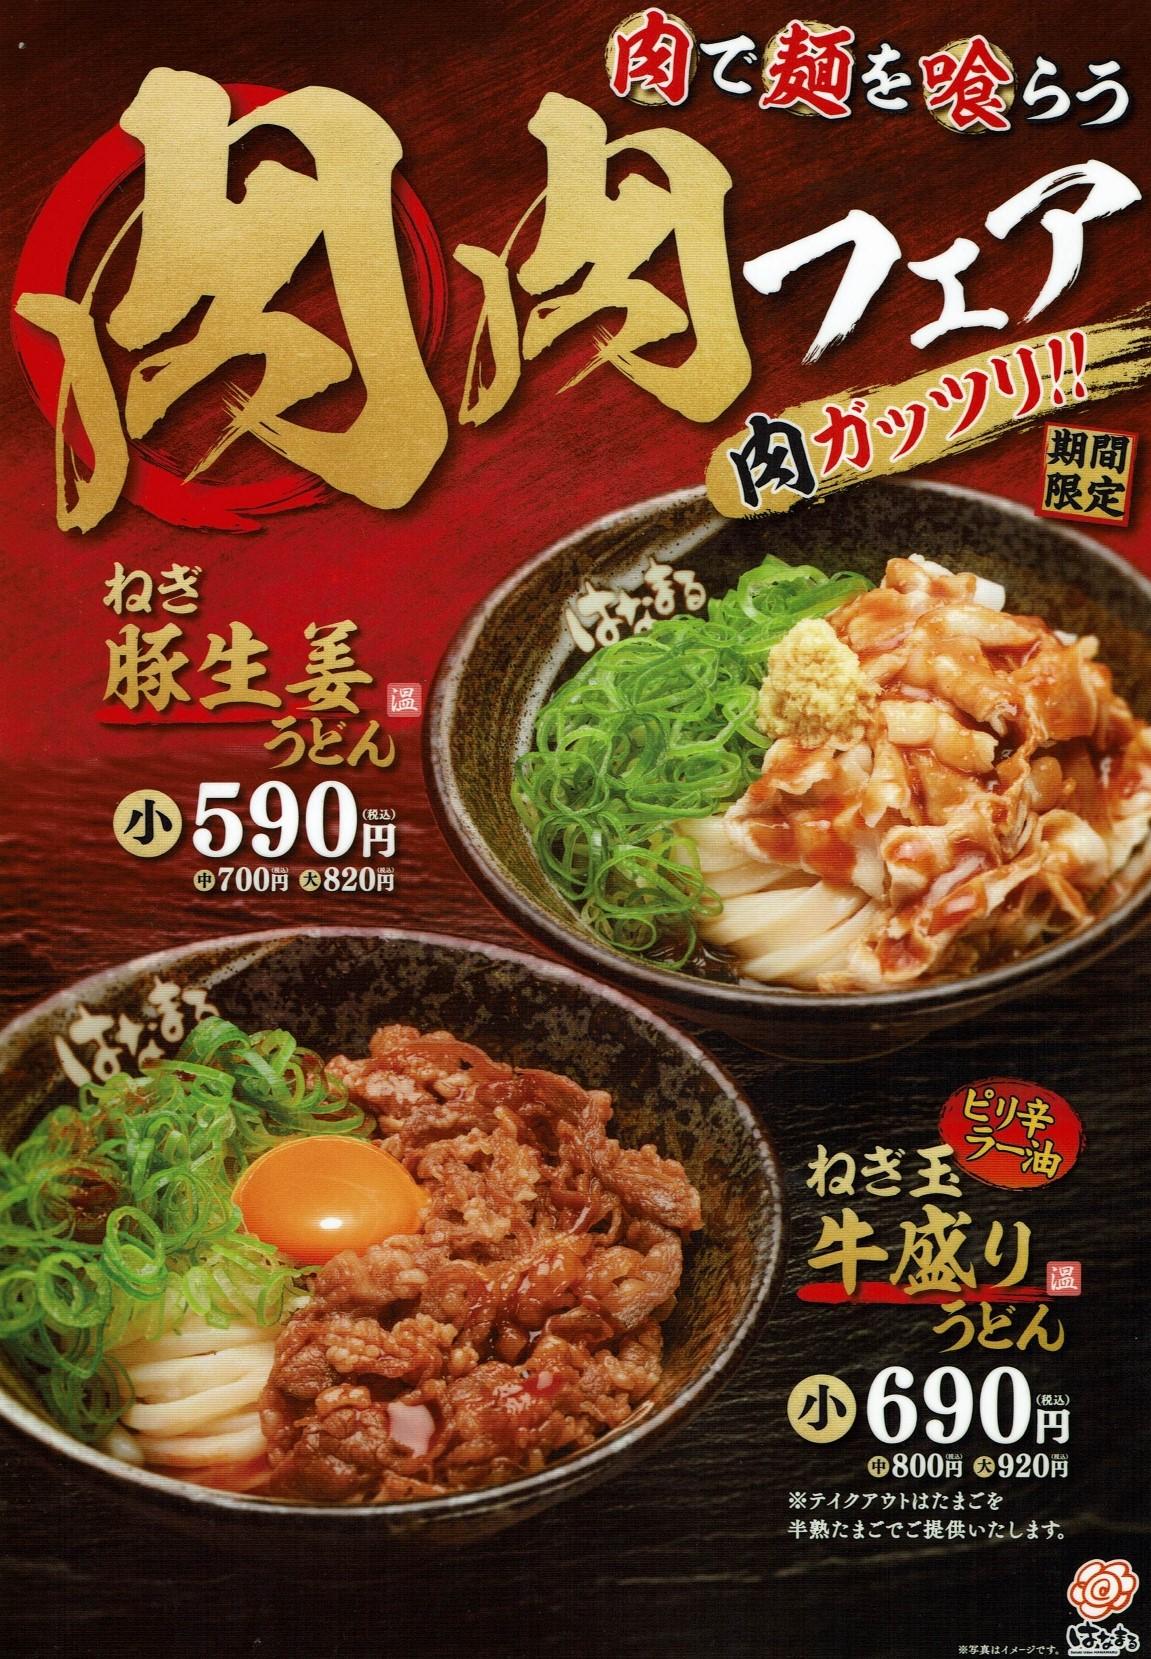 肉ガッツリ!!『肉で麺を喰らう肉肉フェア』実施中!!